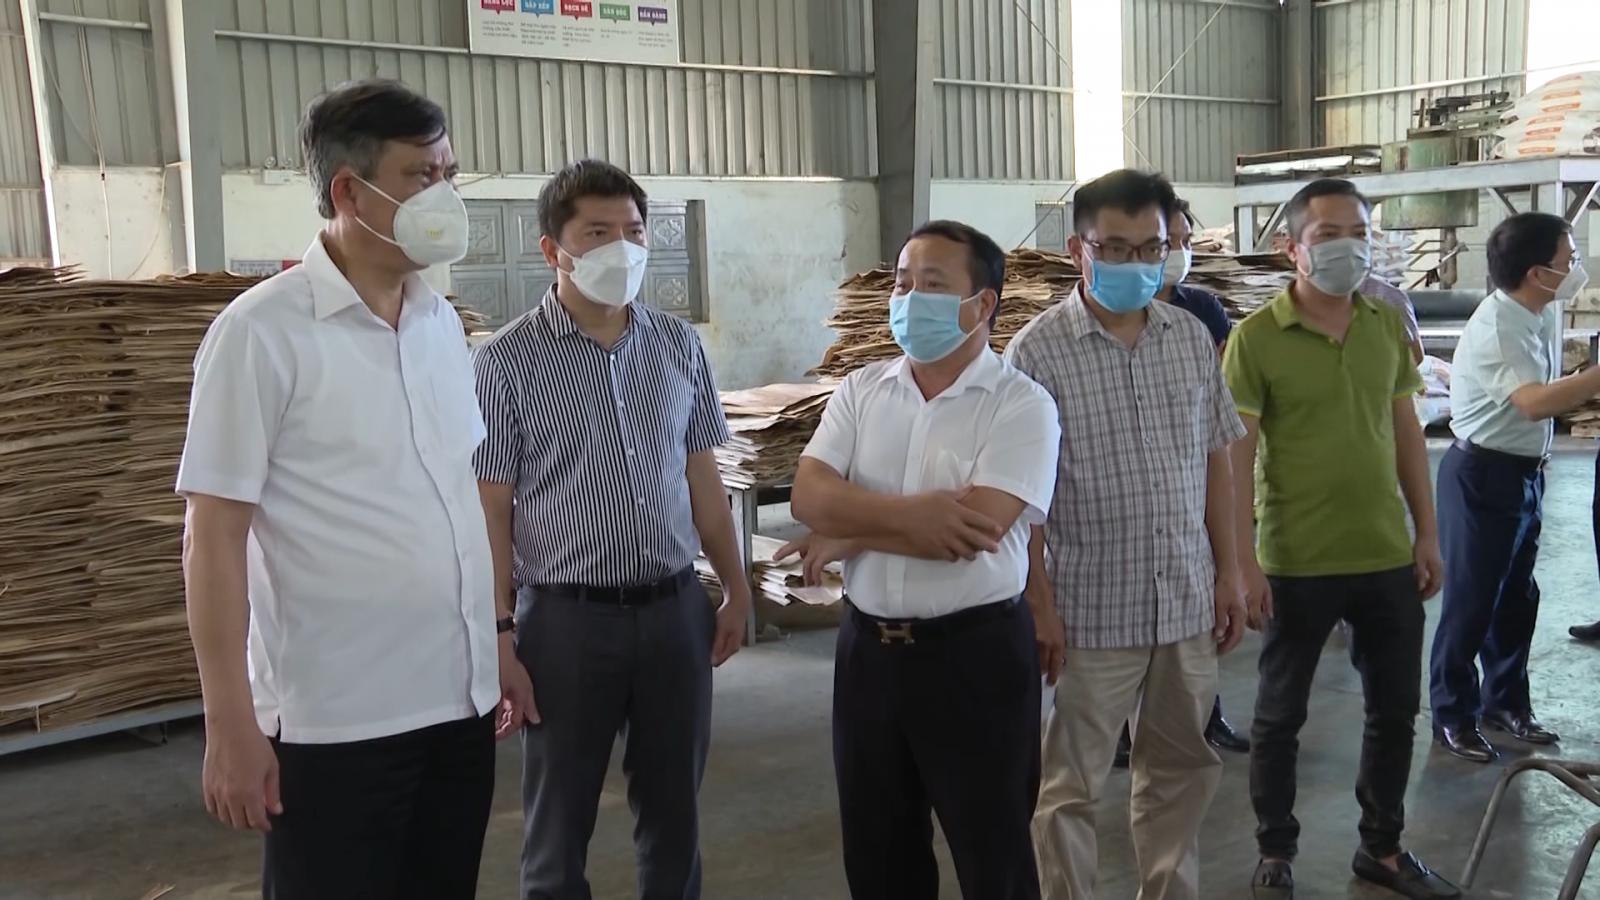 Đồng chí Chủ tịch UBND tỉnh kiểm tra tình hình sản xuất, kinh doanh của các doanh nghiệp